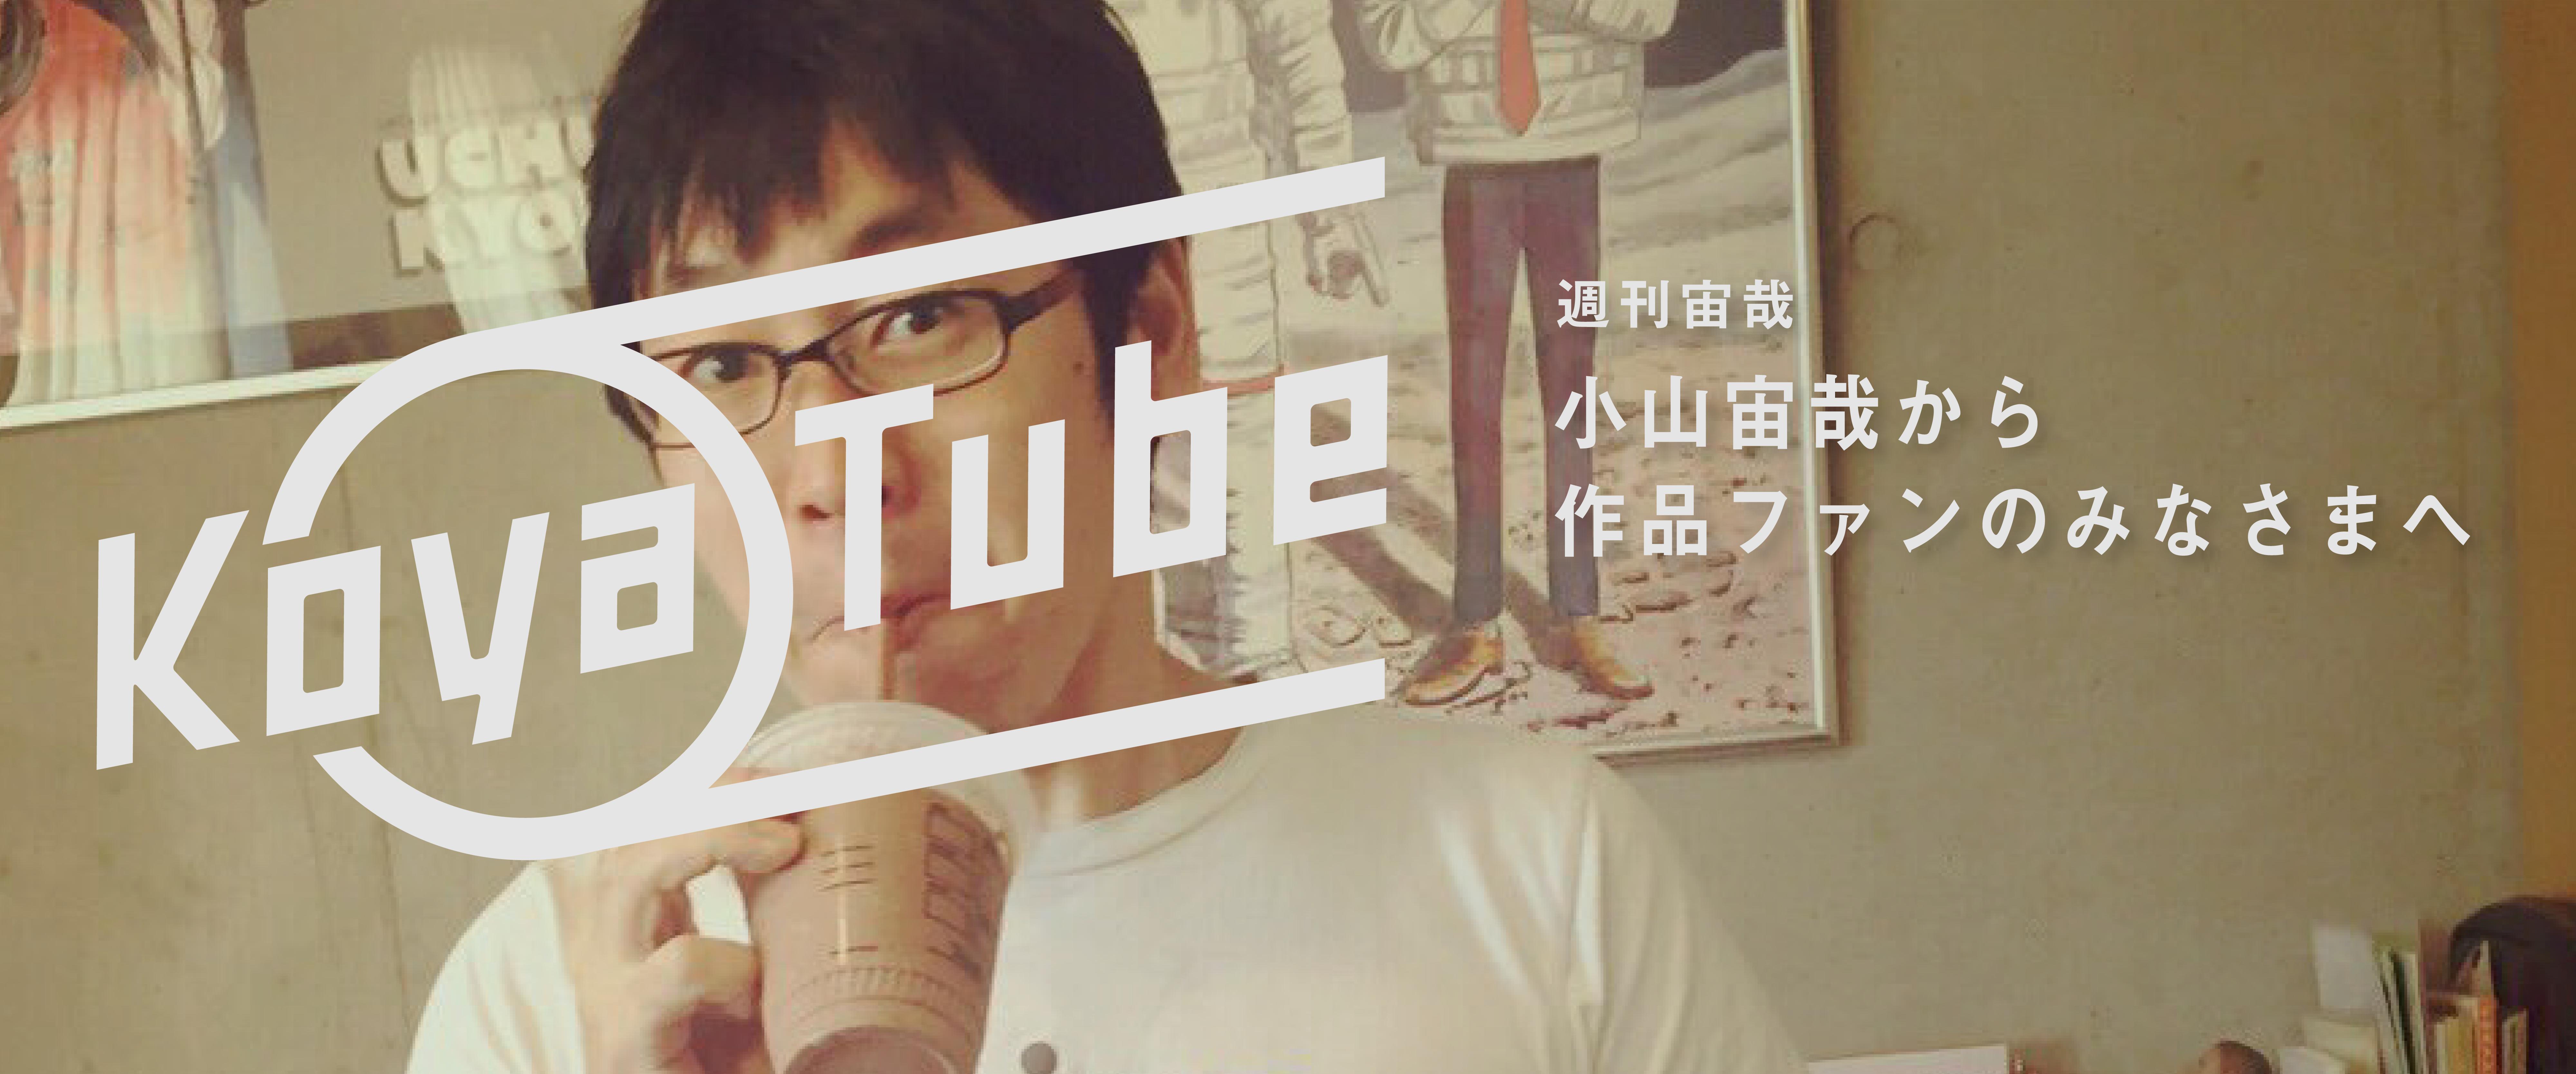 小山宙哉ファンクラブ コヤチュー部(KoyaTube) 小山宙哉から作品ファンのみなさまへ